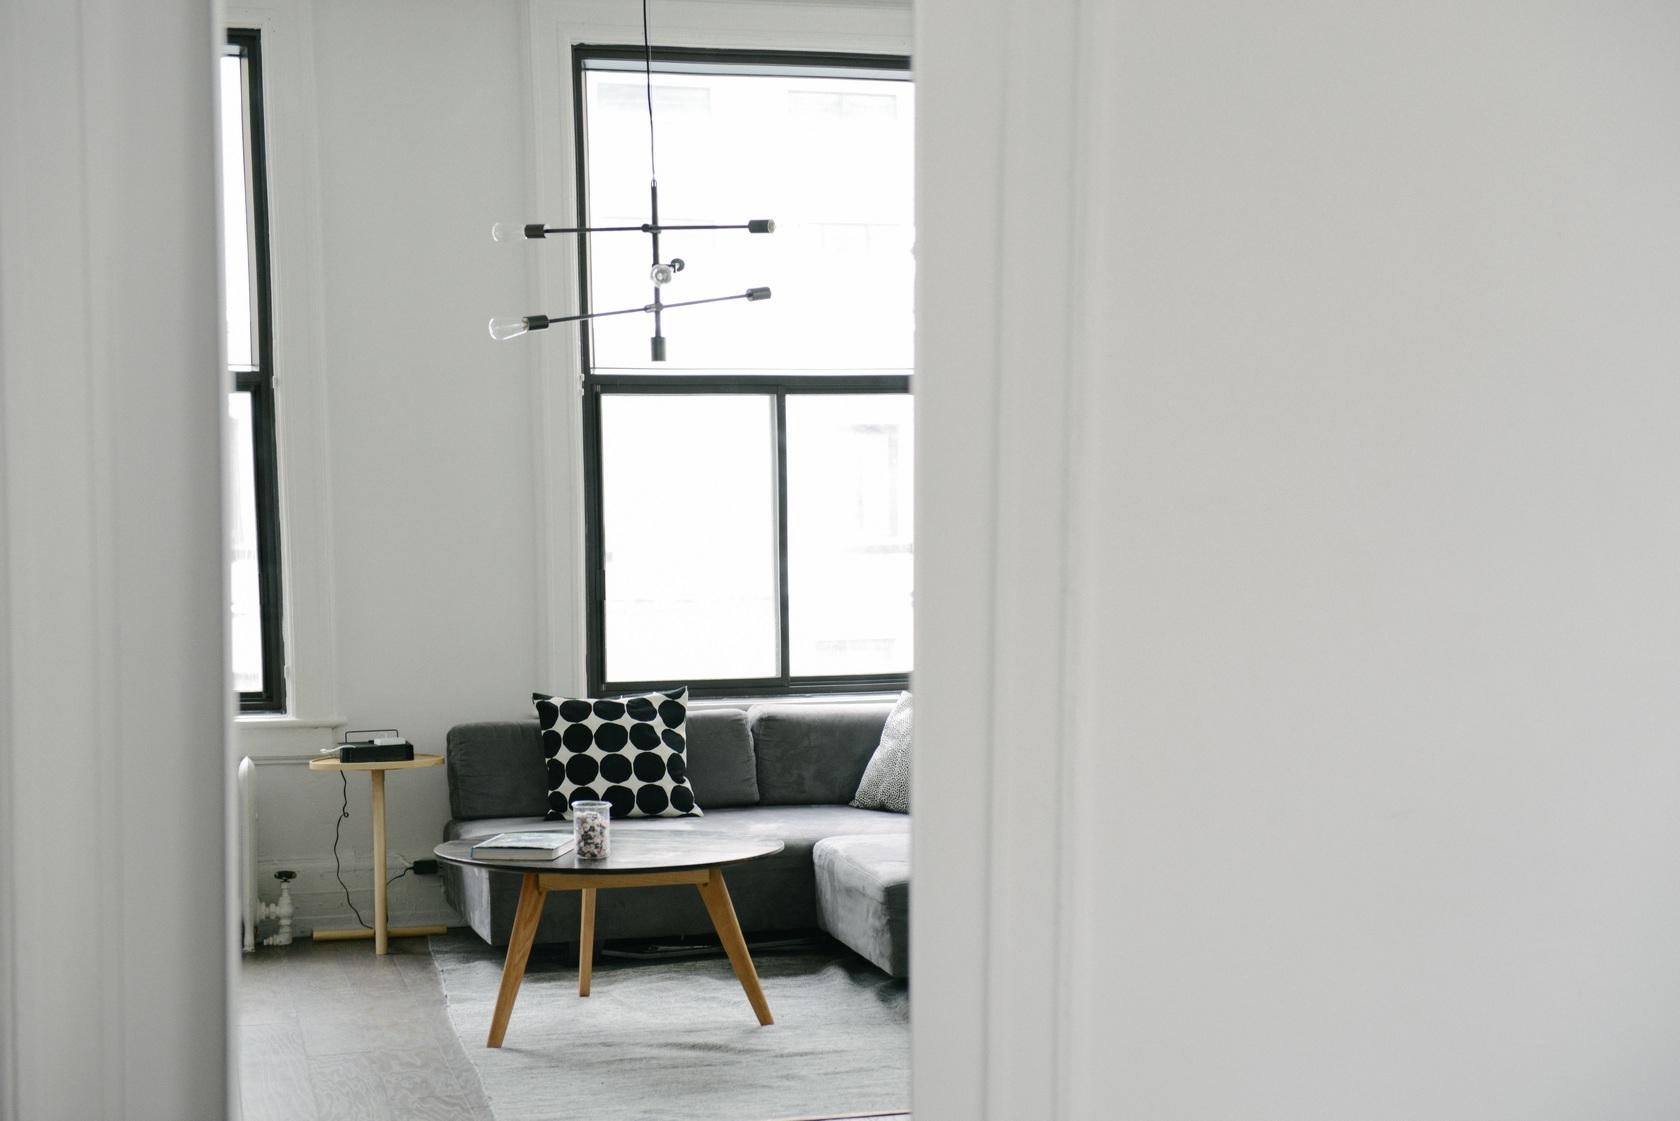 uspesna-spolupraca-interierovy-architekt-obyvacia-izba-konferencny-stolik-siva-sedacka-dizajn-05